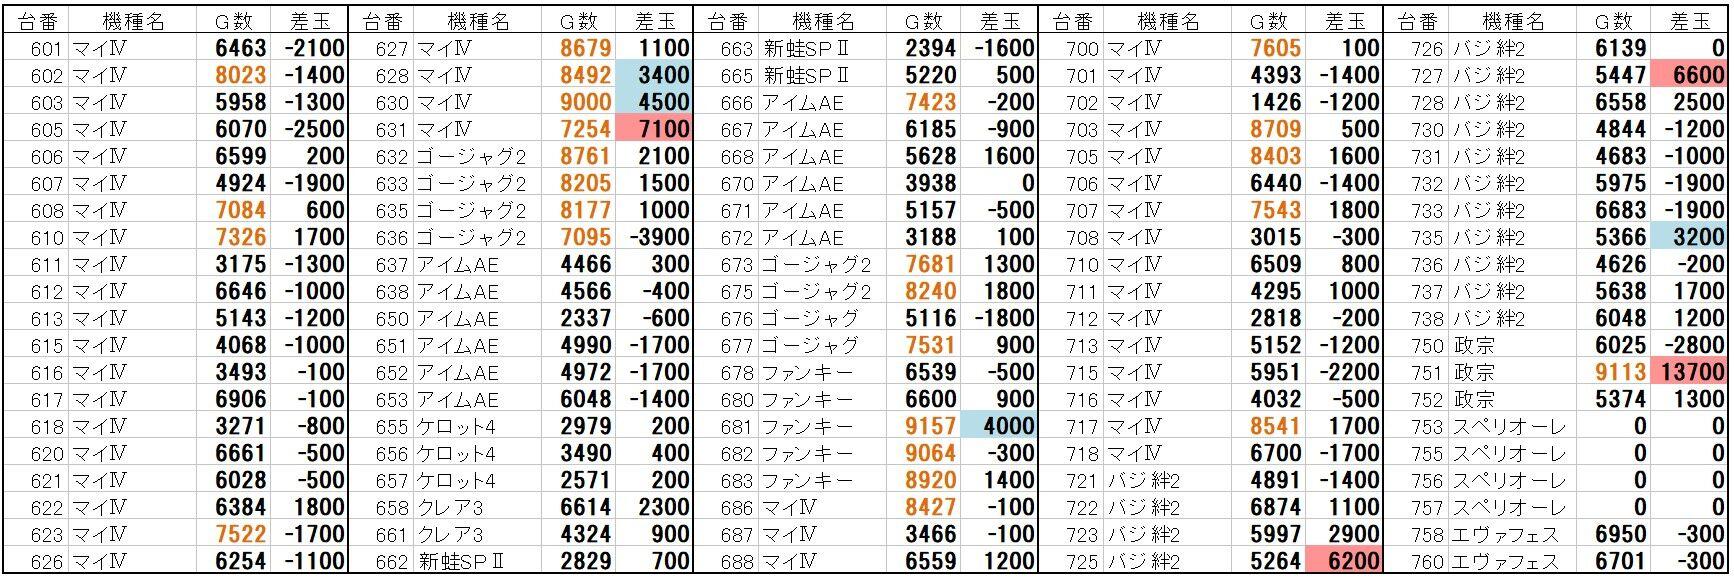 プリプリ 600 データ